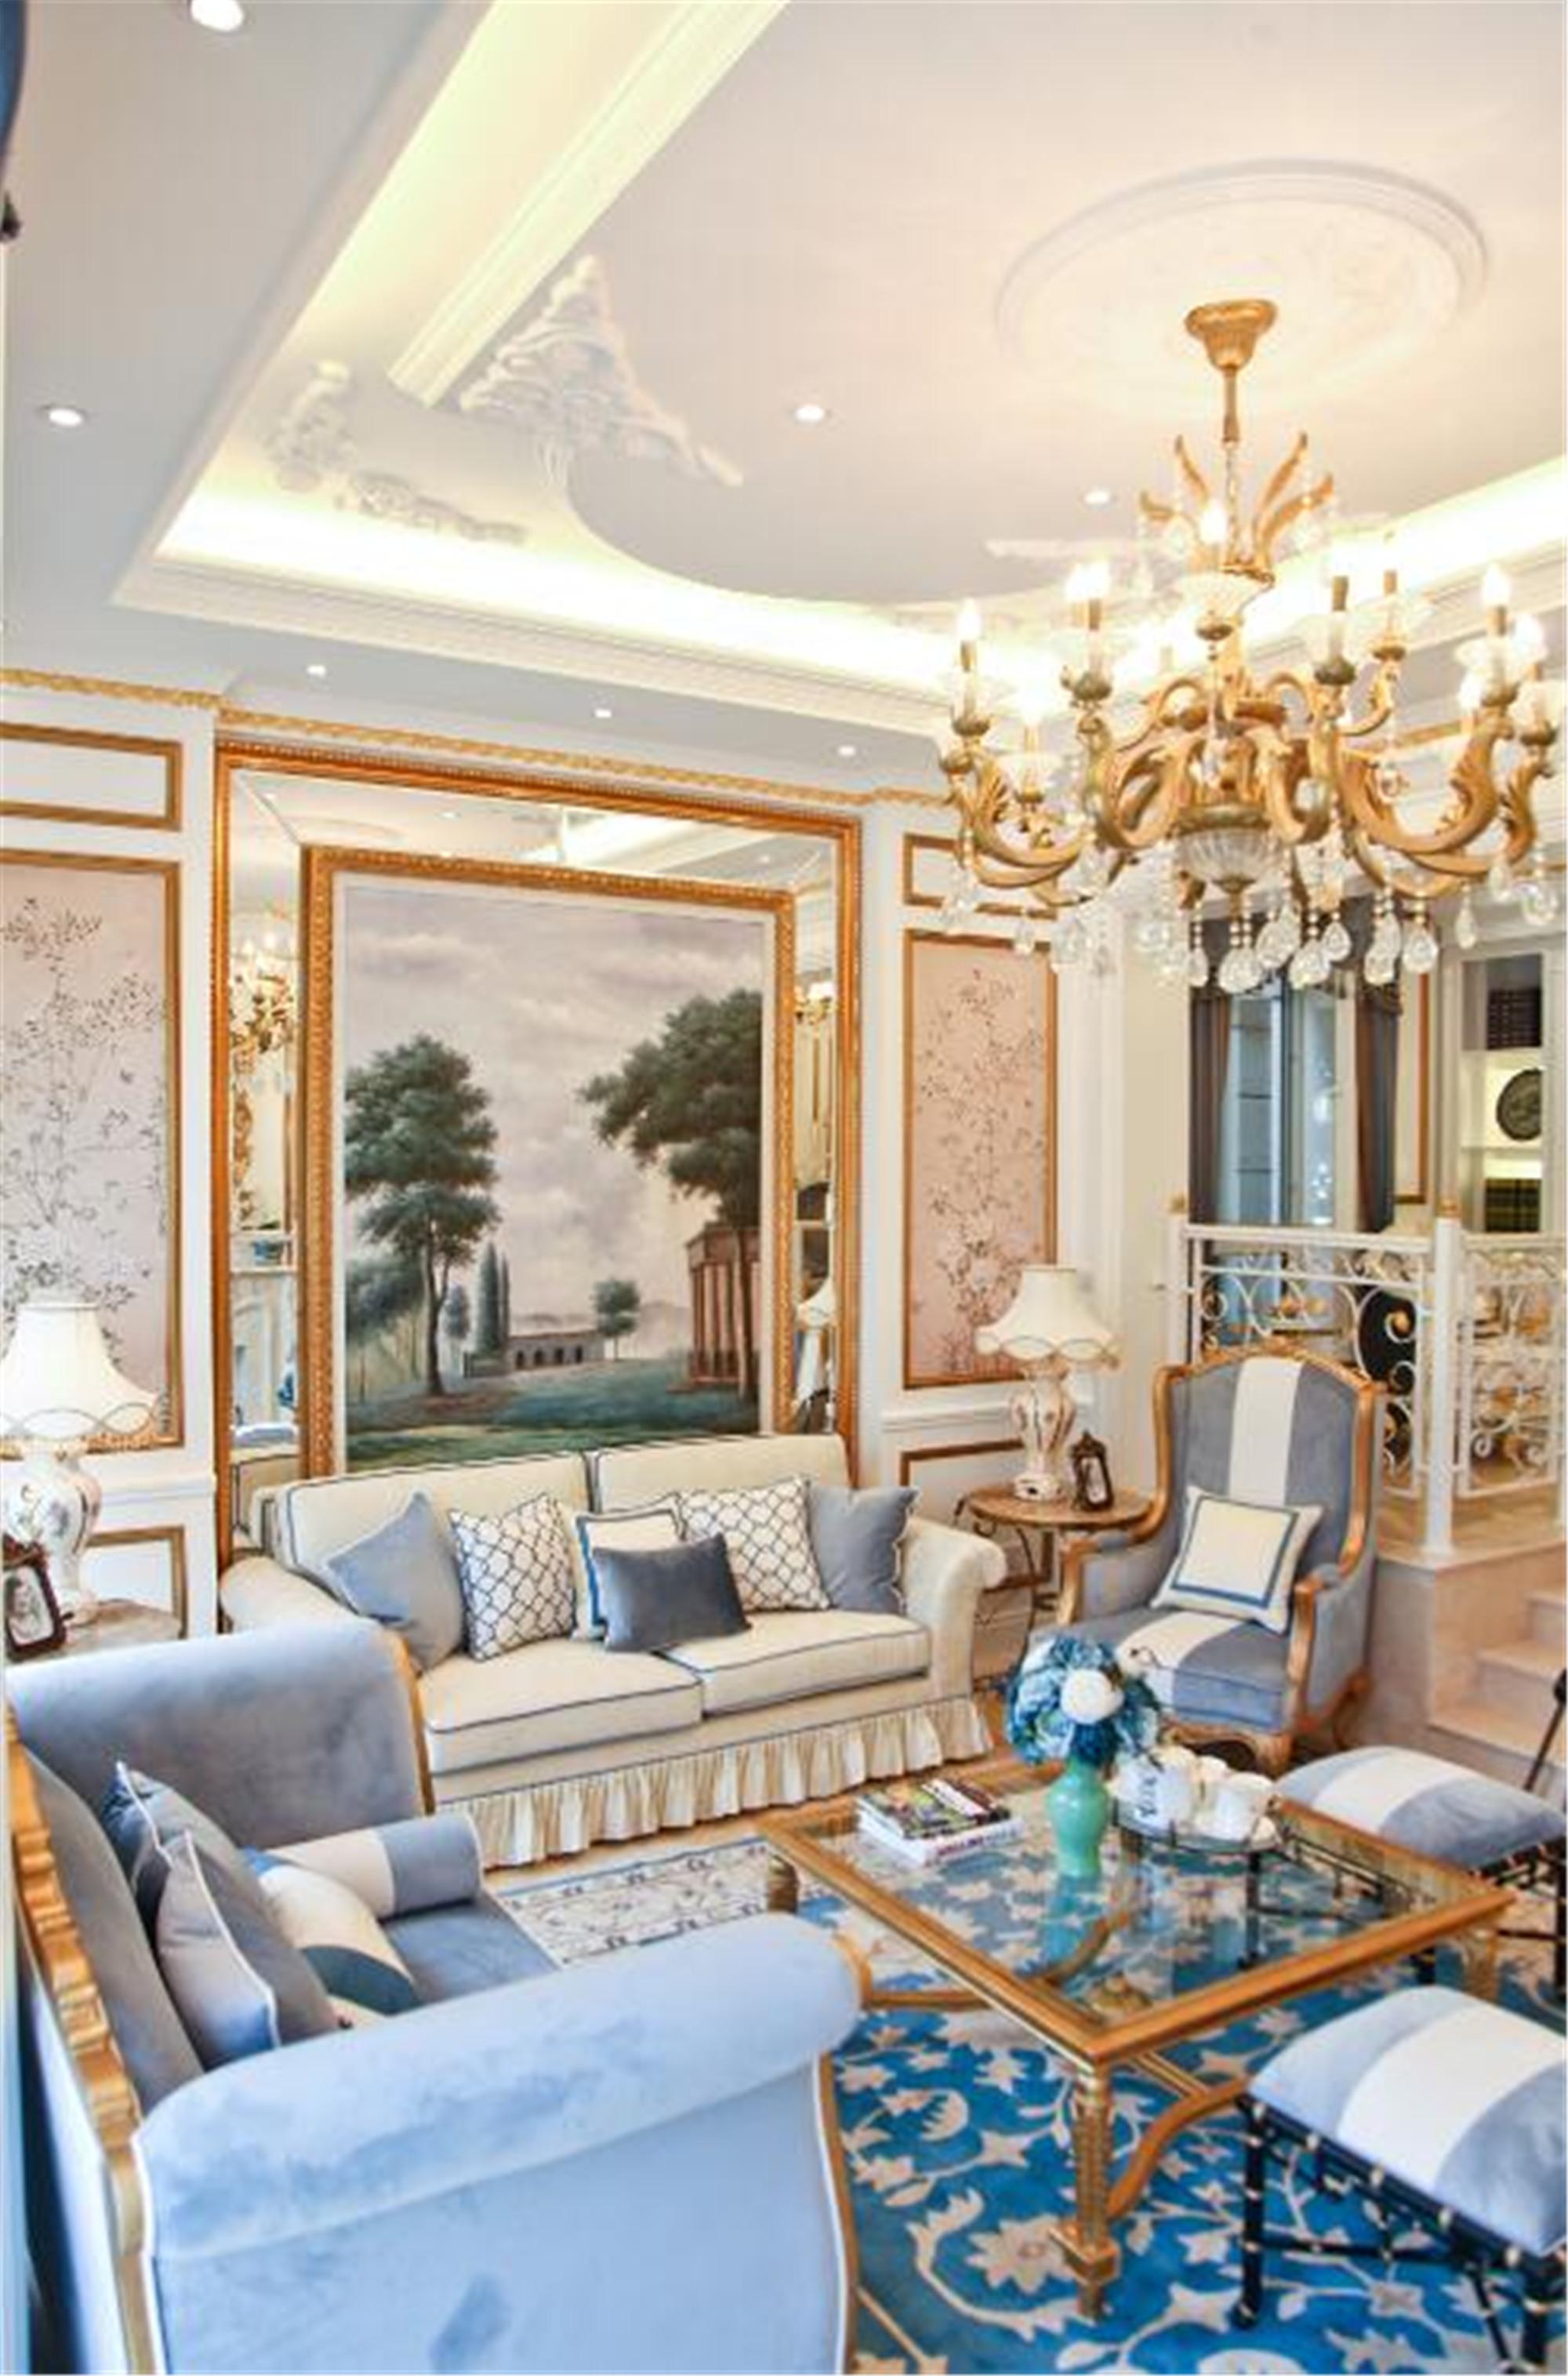 法式风格别墅装修客厅设计图